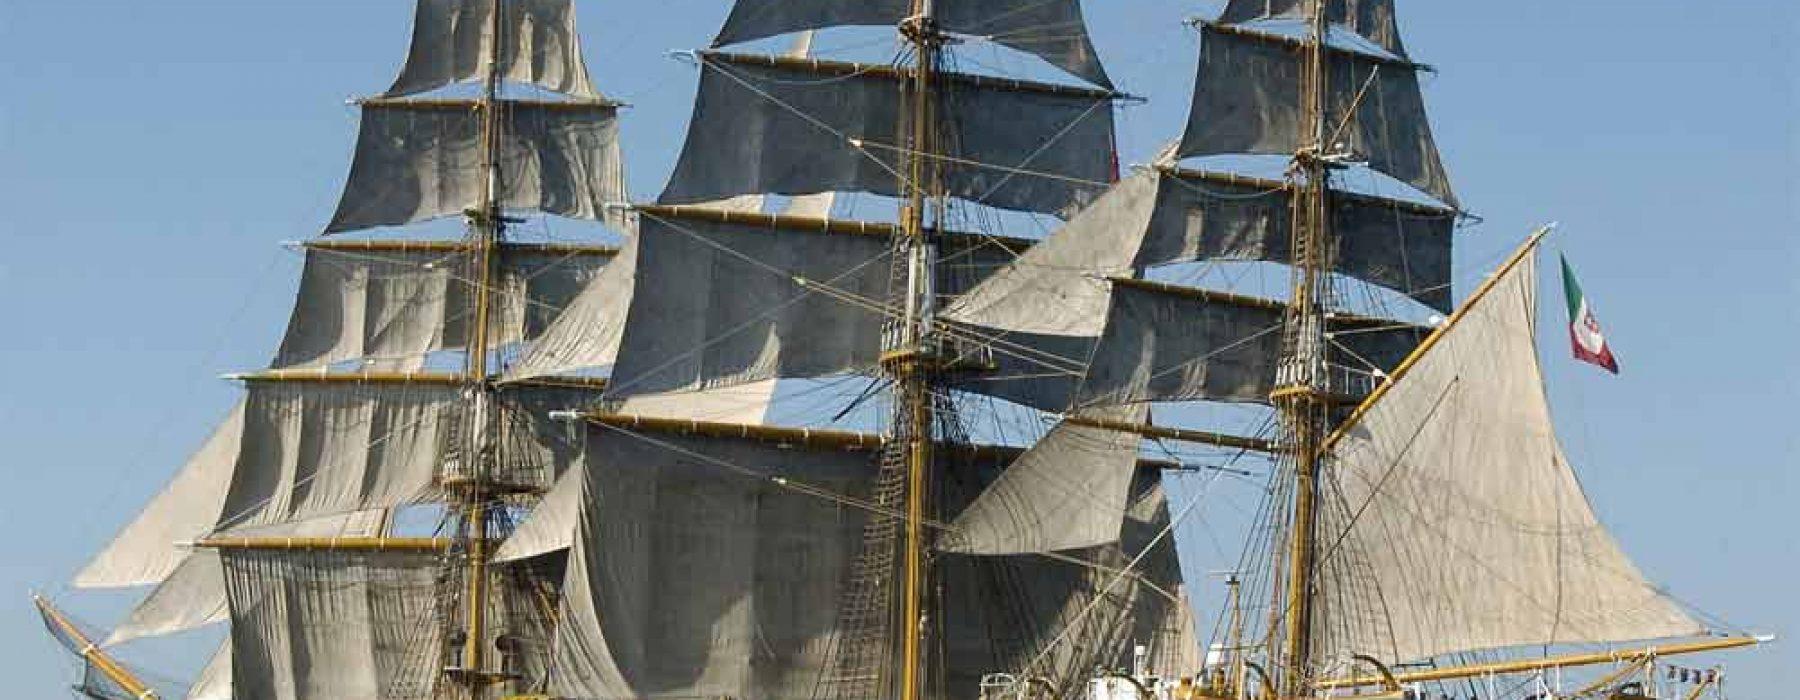 Amerigo Vespucci, the most beautiful Italian ship in the world